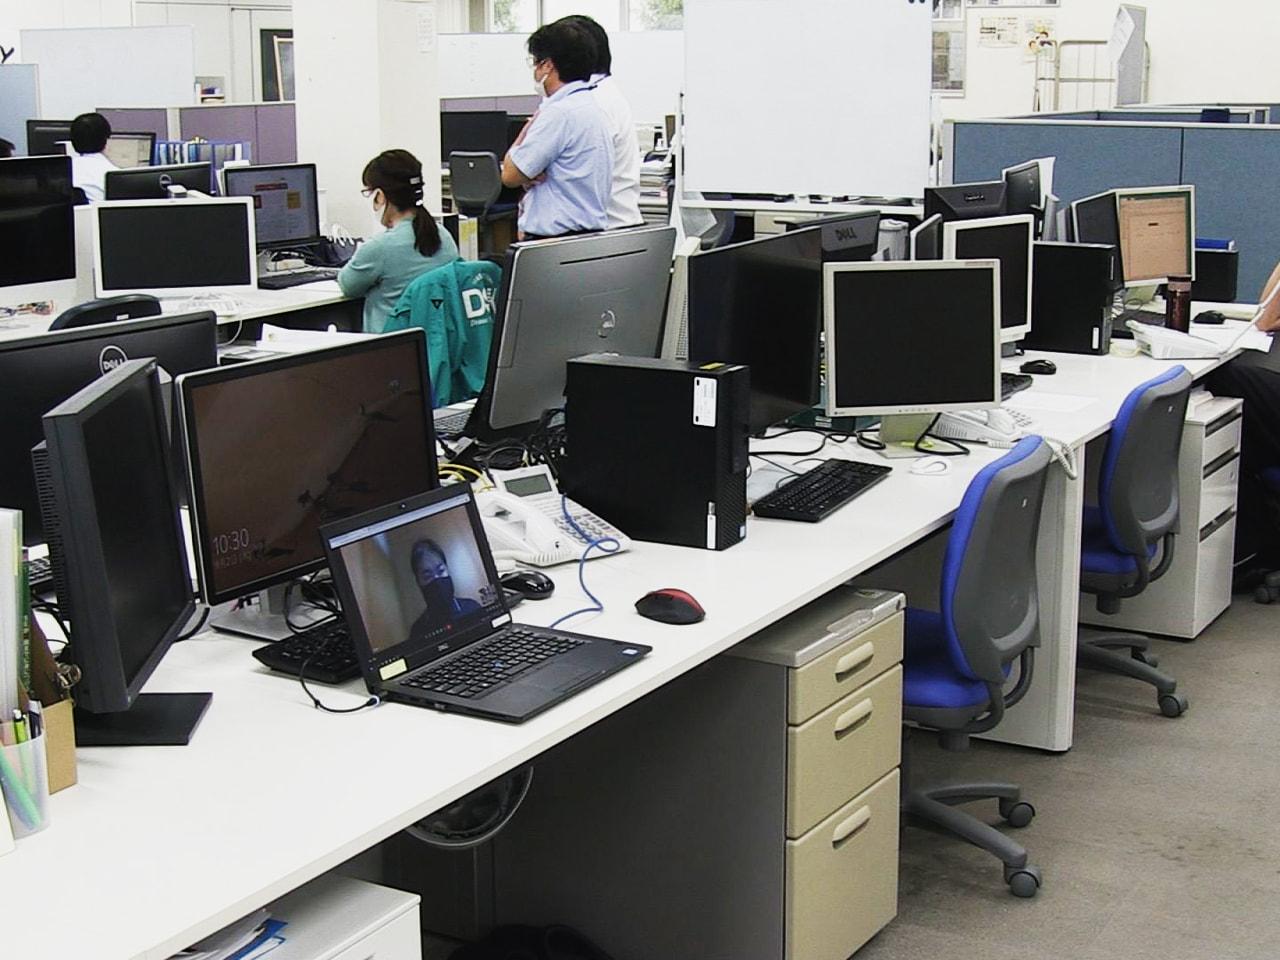 岐阜県には3回目の緊急事態宣言が出され、企業に求められているのがテレワークの推進...